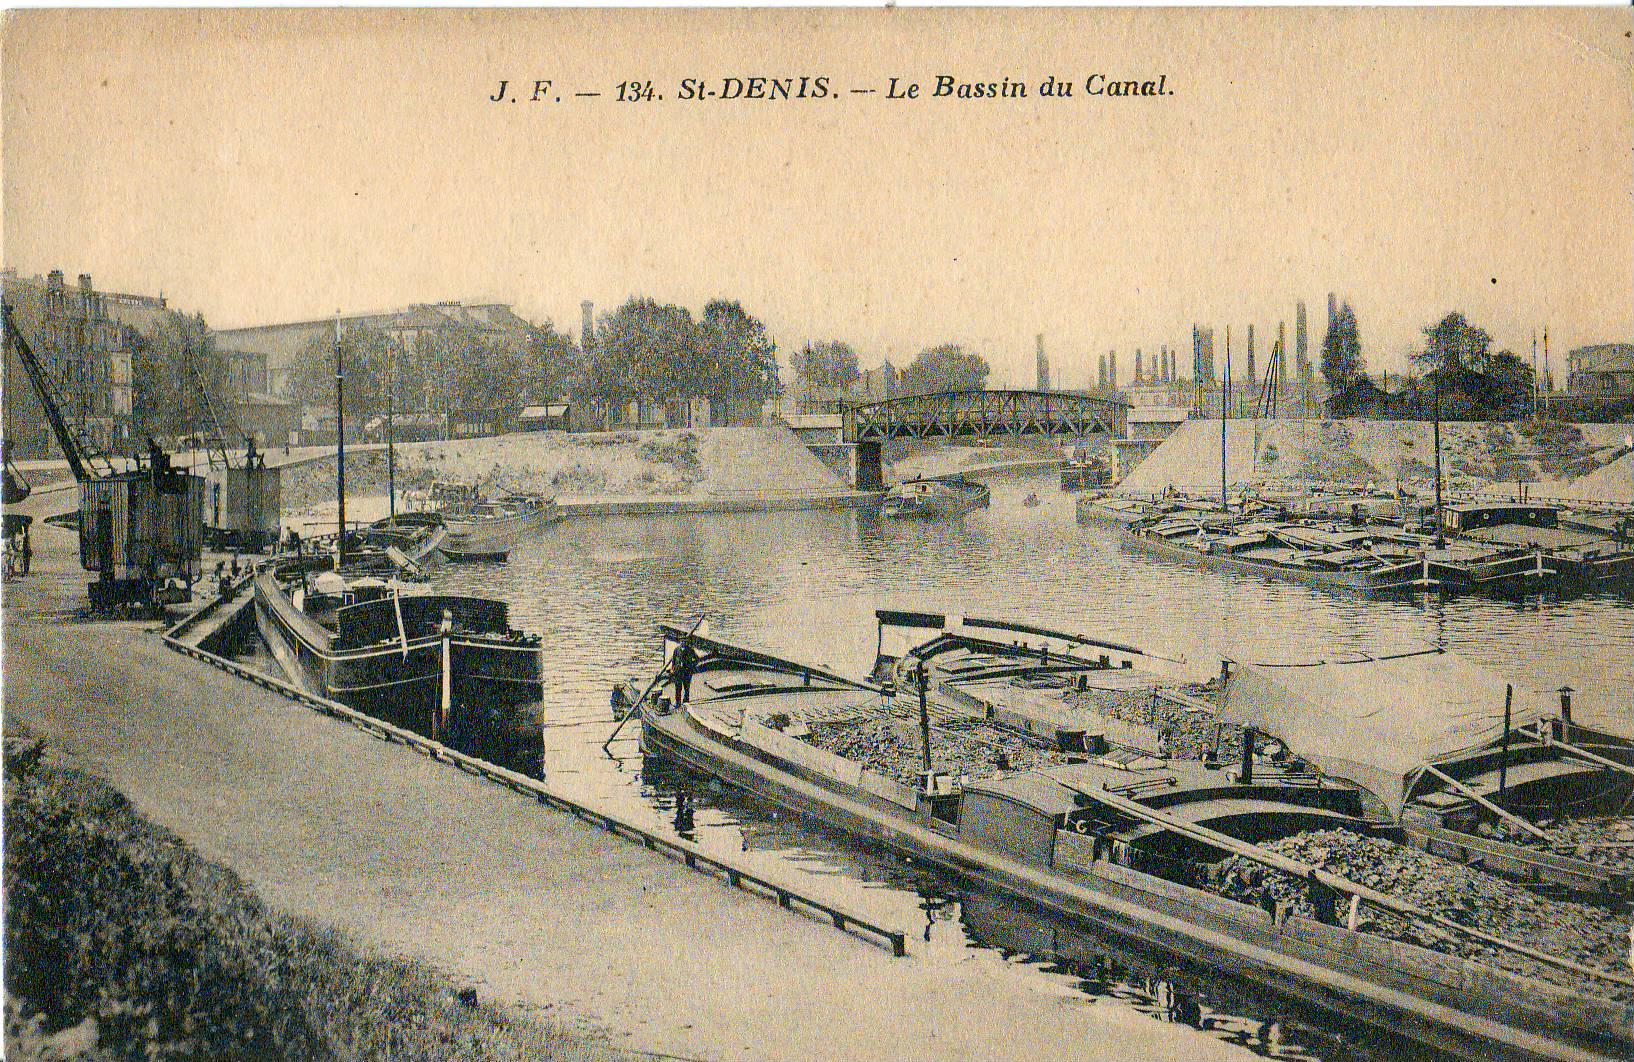 File jf 134 saint denis le bassin du canal jpg wikimedia commons - Petit bassin exterieur saint denis ...